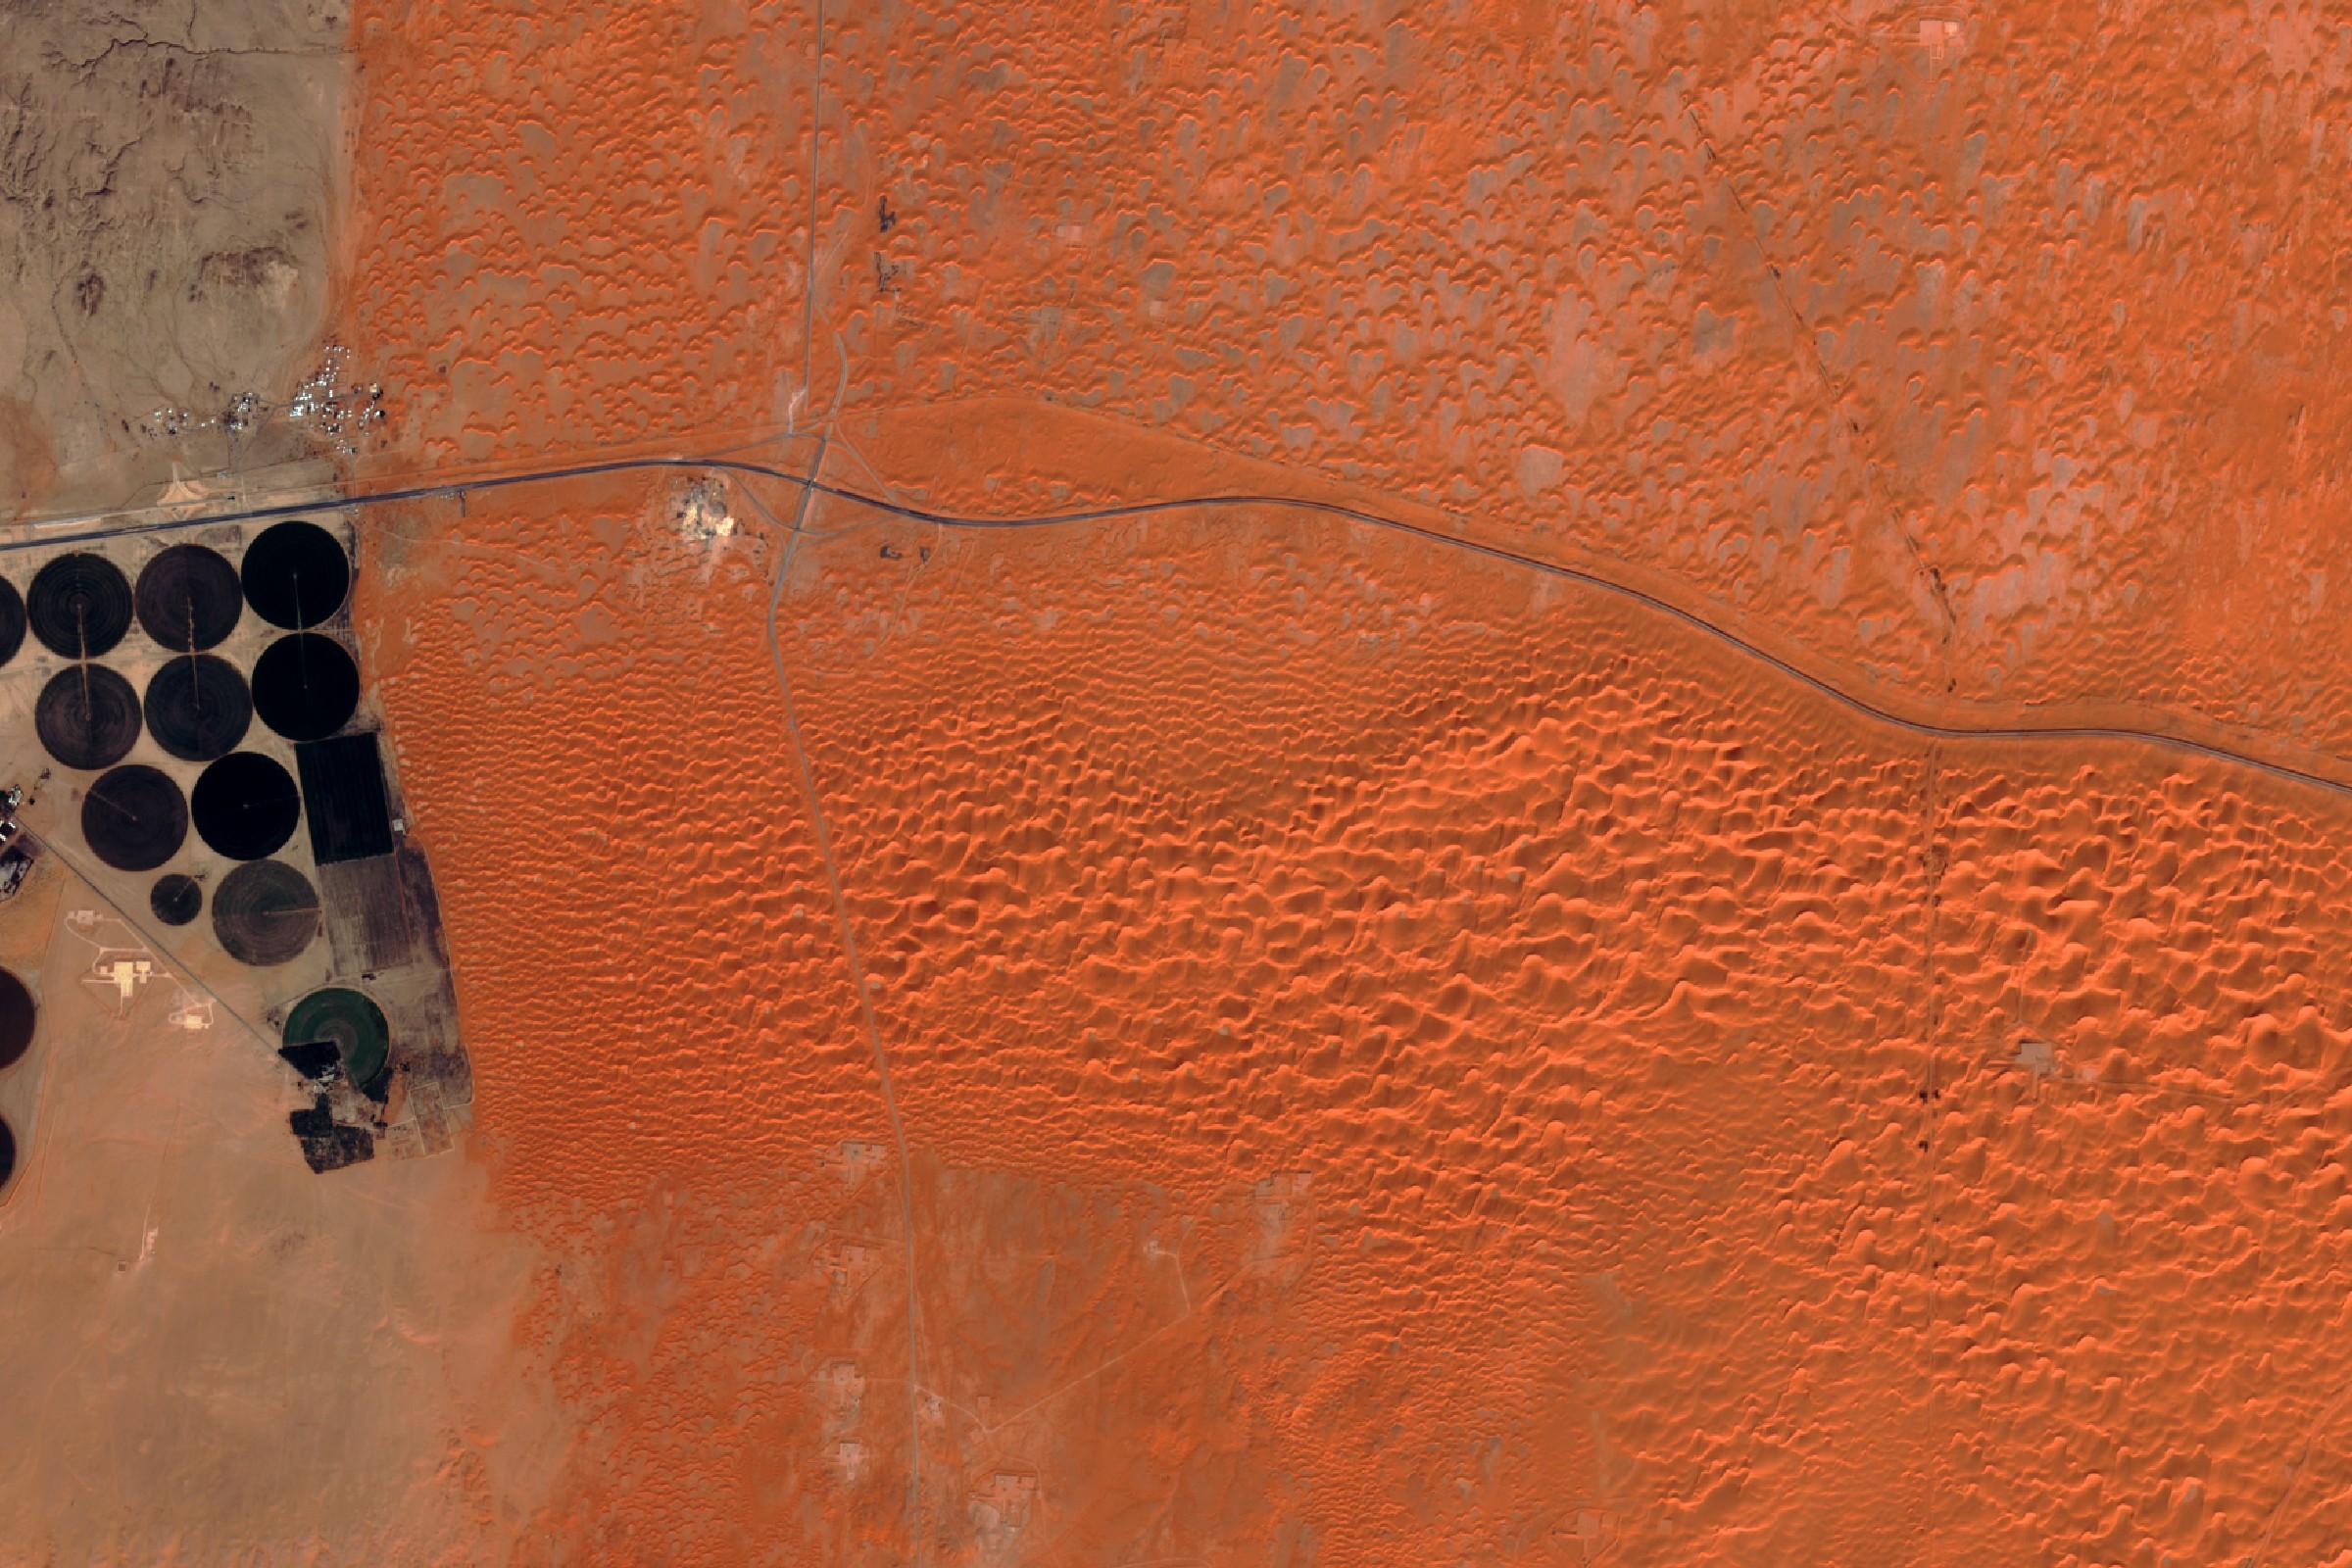 Arabie Saoudite - Désert - Dunes - Agriculture - Irrigation - Sentinel-2A - satellite d'observation - ESA - Copernicus - Couleurs naturelles